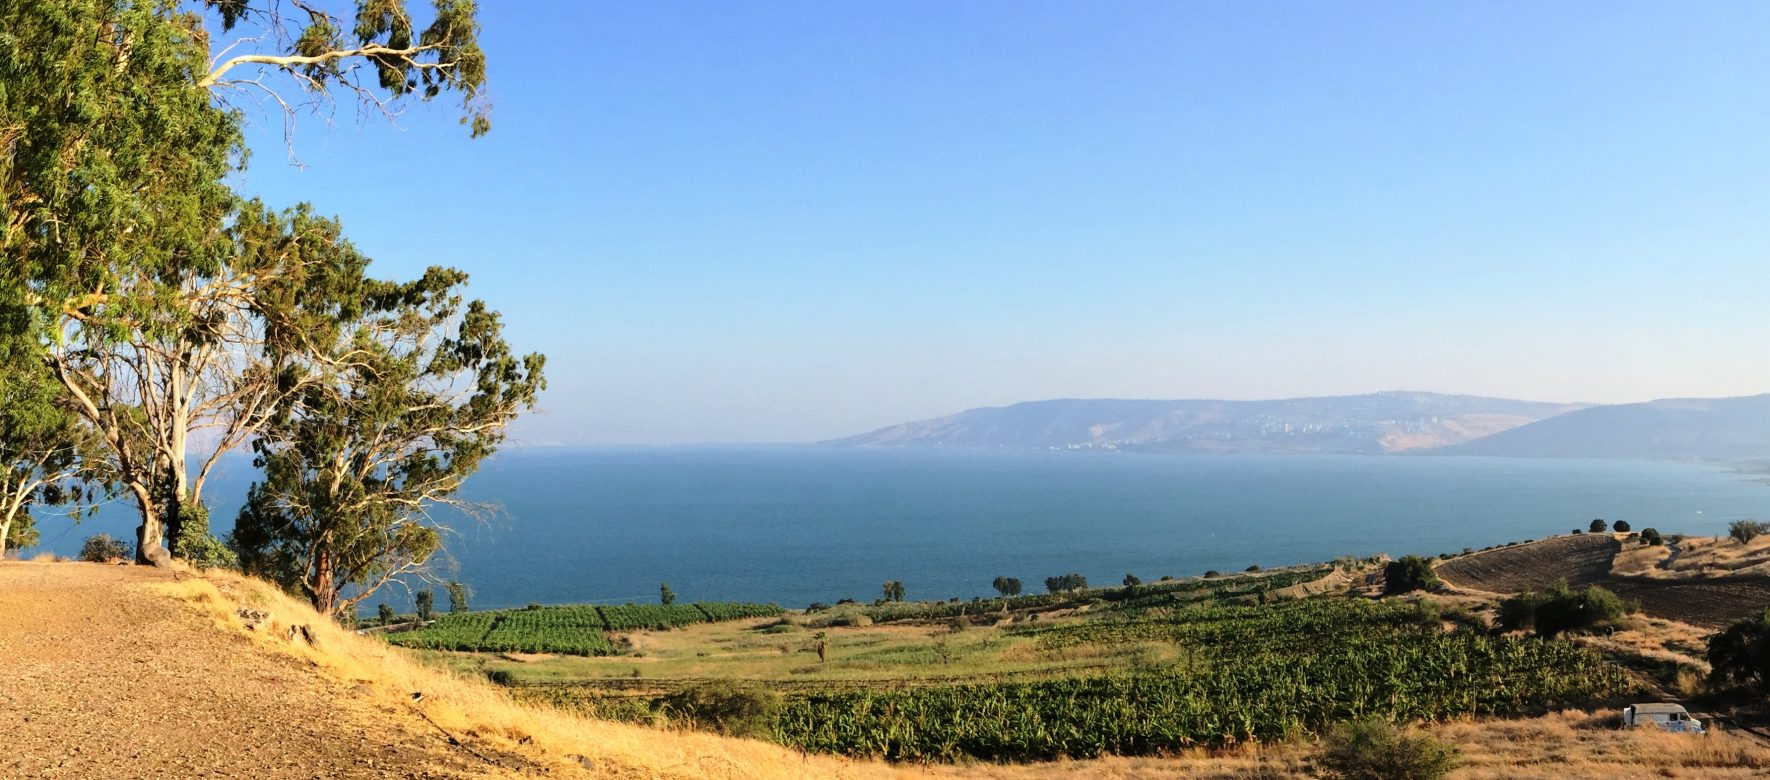 Israël : Et si la désalinisation pouvait relever le niveau d'eau du lac de Tibériade ?